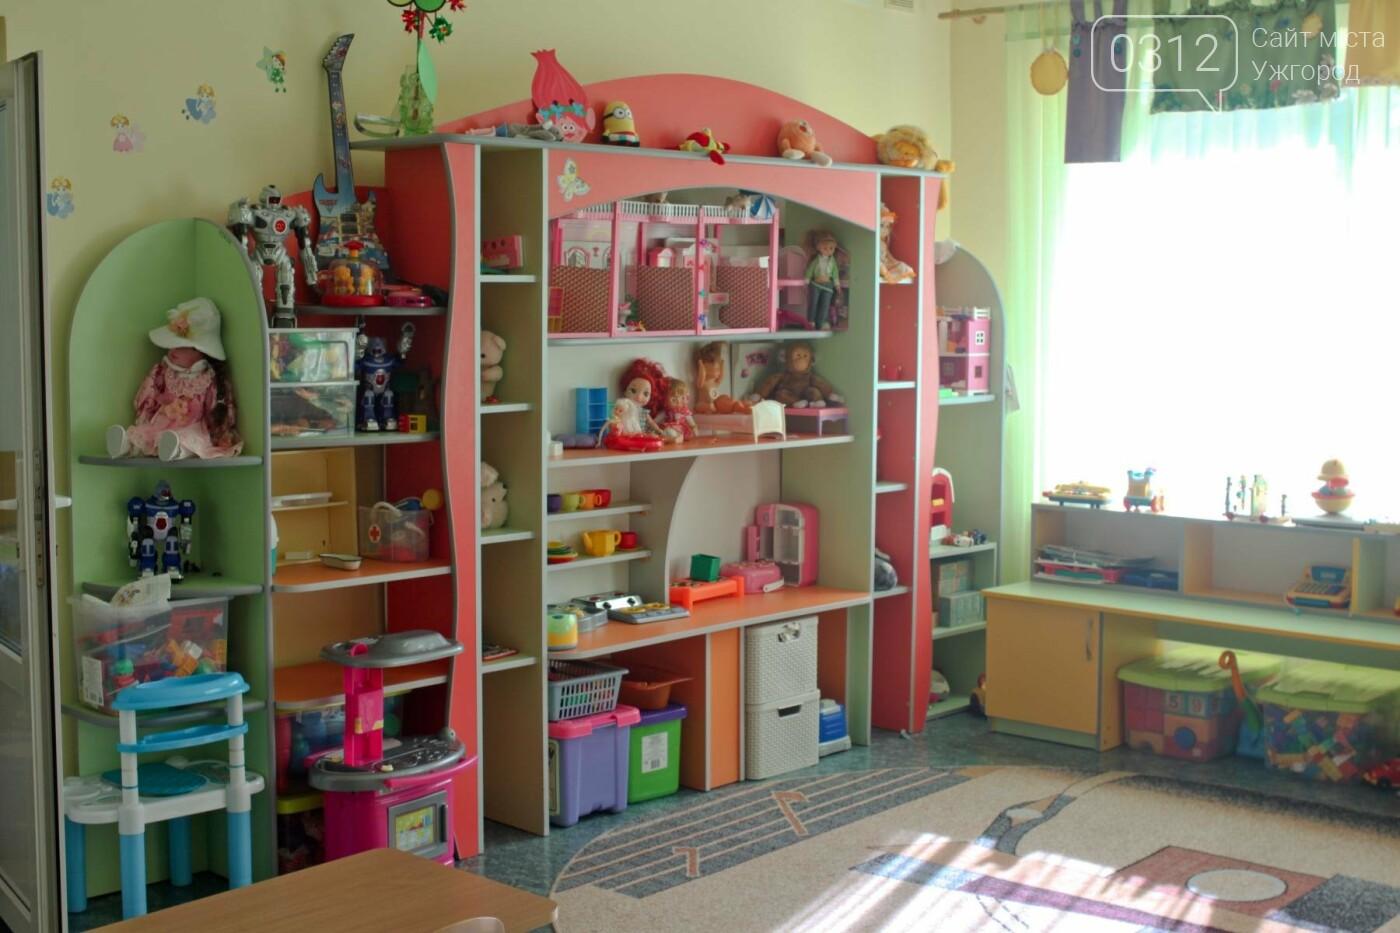 Чи тепло в приміщенні ужгородських дитсадків: фоторепортаж, фото-12